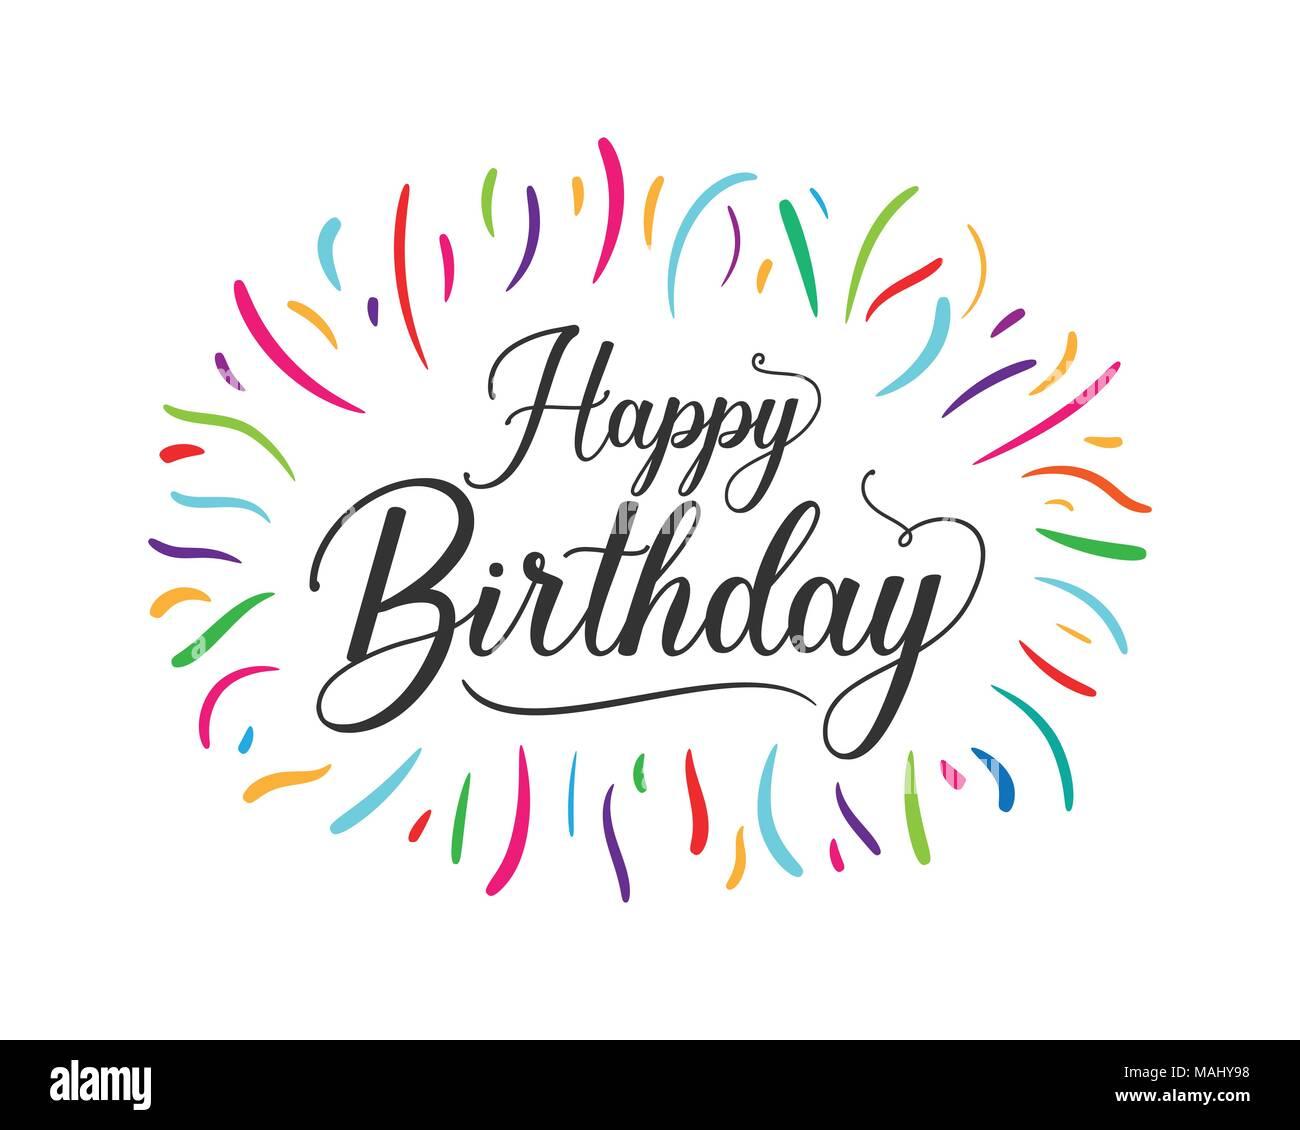 https www alamyimages fr joyeux anniversaire colore typographiques pour la conception graphique de l affiche banniere modele carte d anniversaire carte d invitation ou de voeux vector illustration image178644852 html